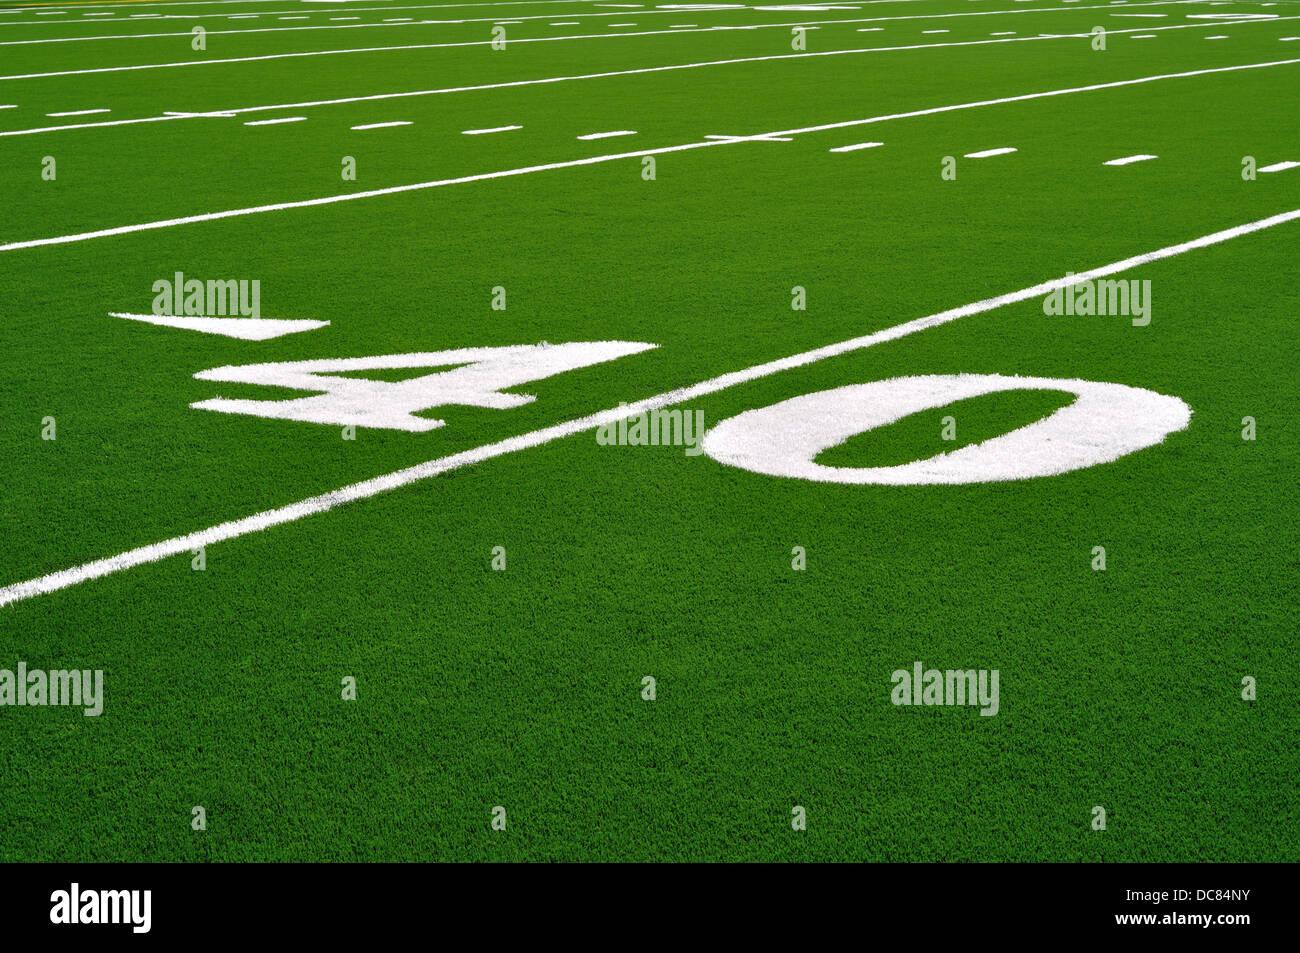 40 cour ligne sur un terrain de football américain Photo Stock